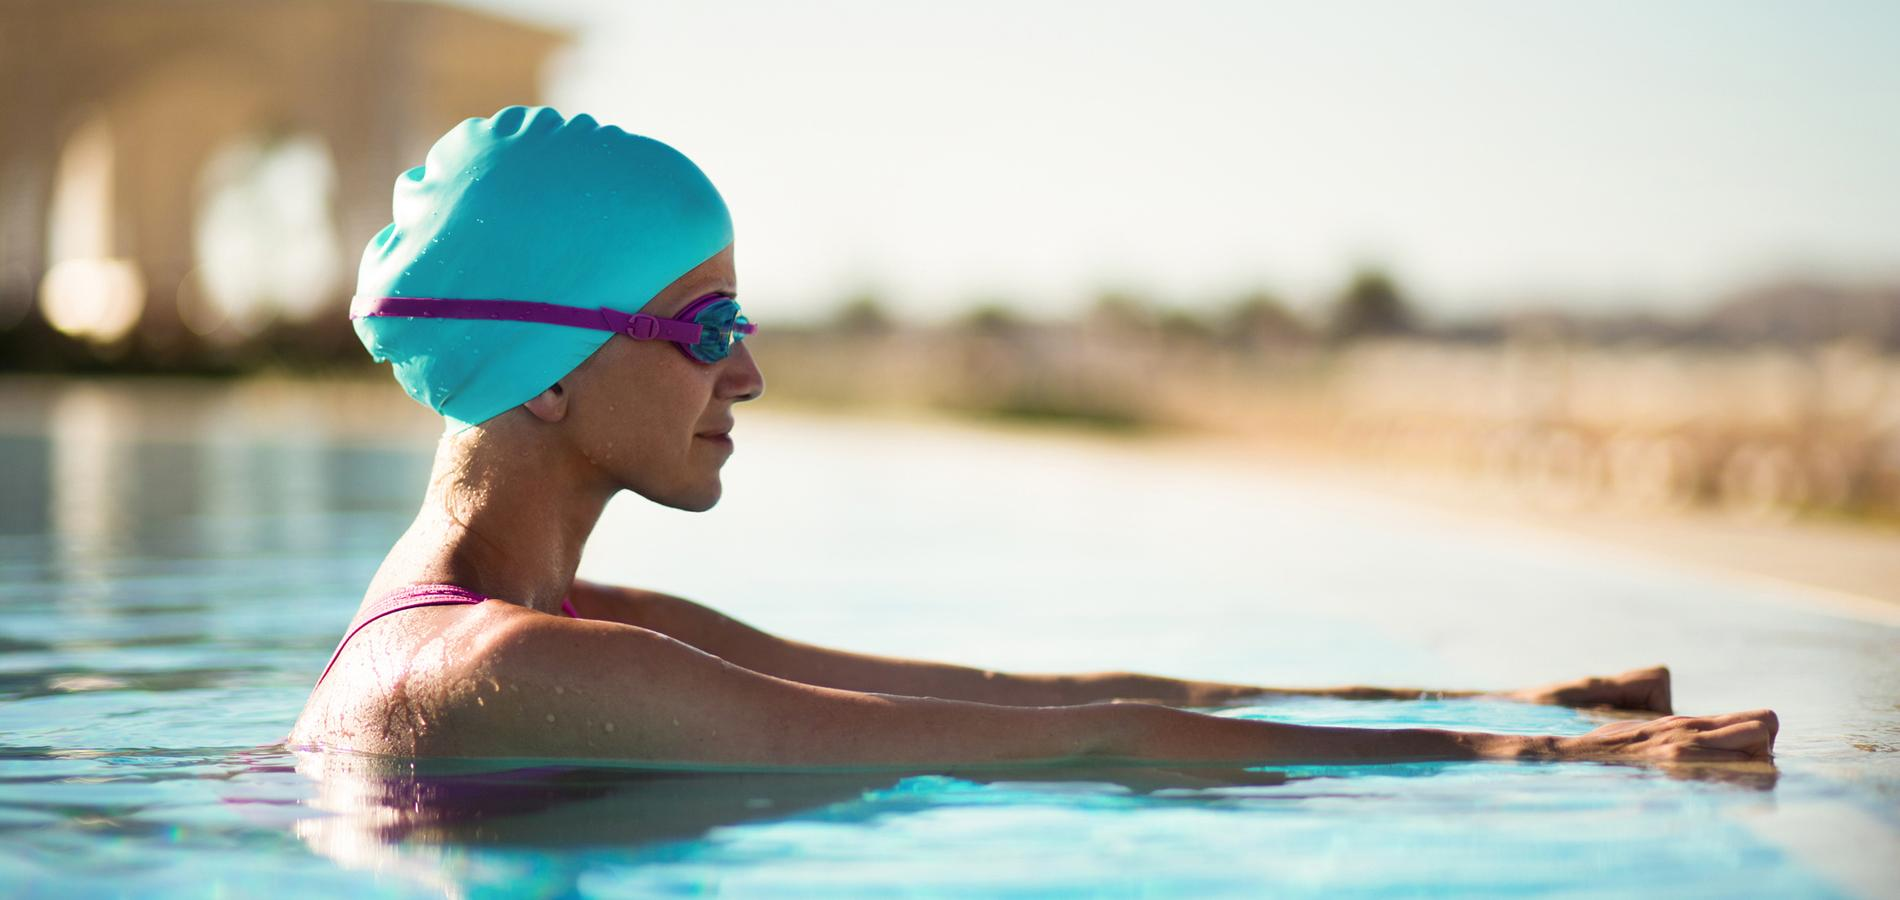 la piscine en plein air est le meilleur moyen pour profiter du soleil en restant au frais paris